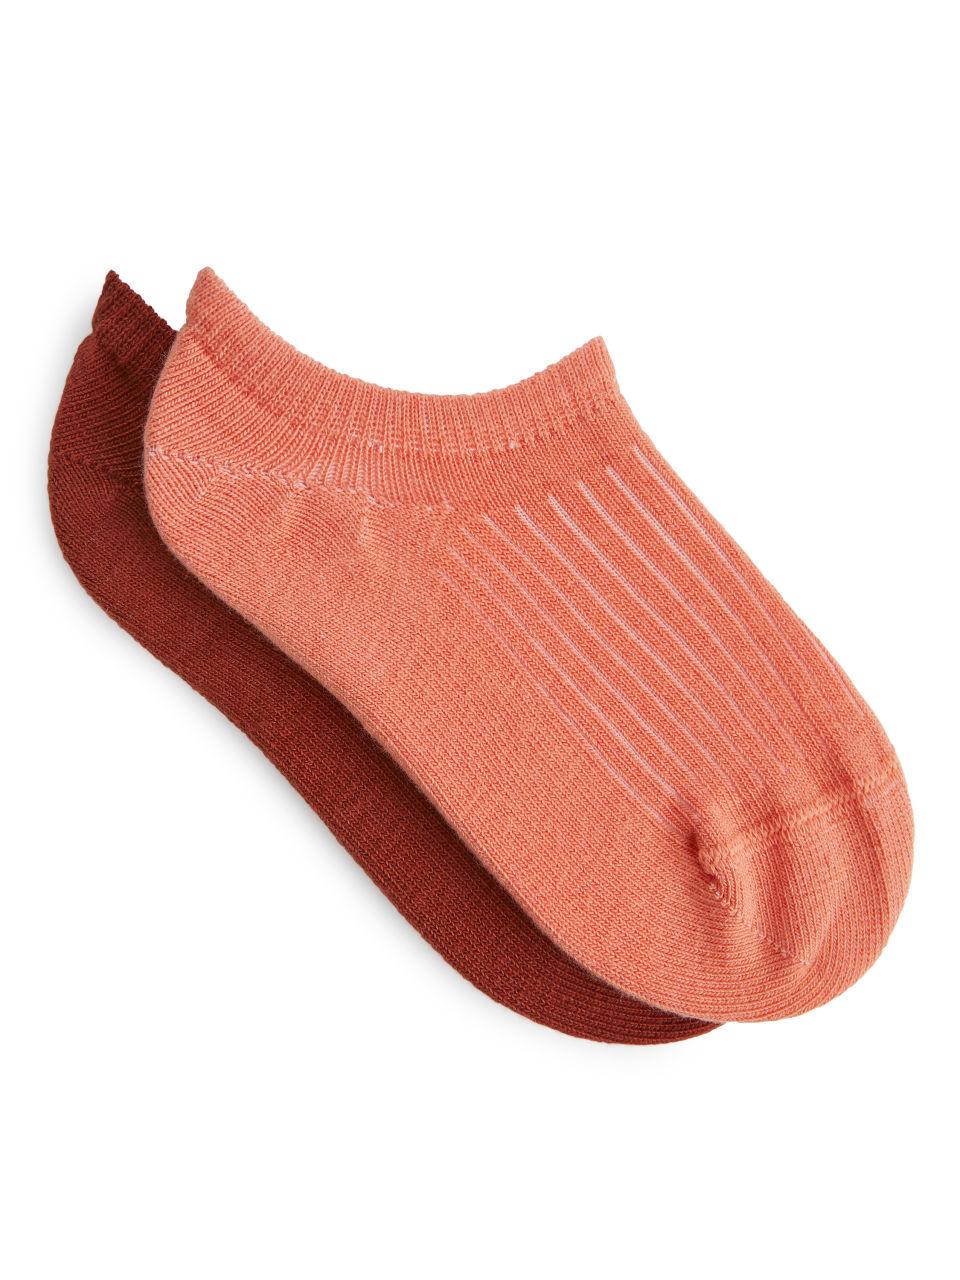 Sneaker Socks - Orange